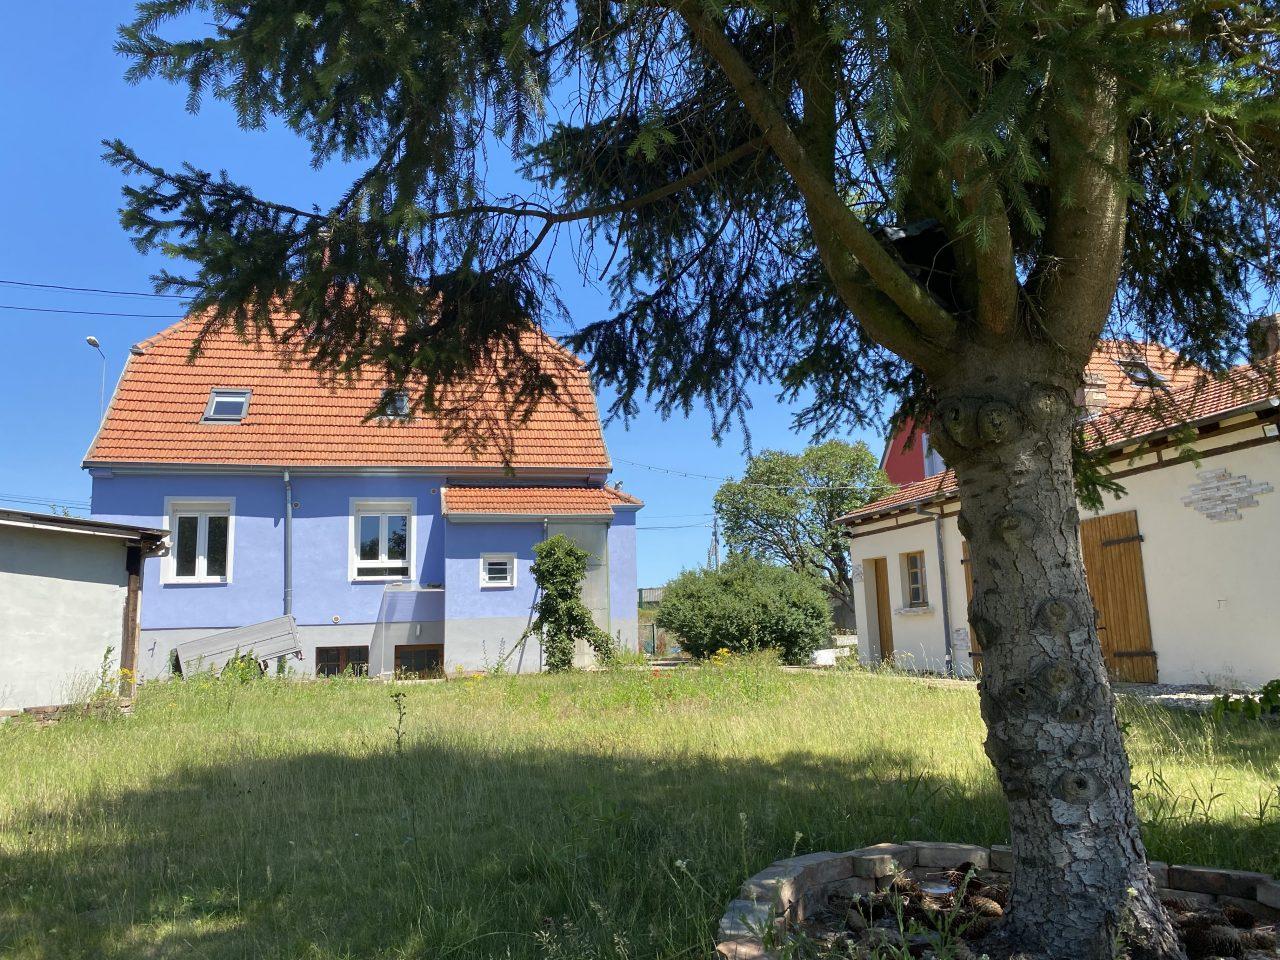 Haguenau, maison 6 pièces sur 6 ares. Vidéo disponible